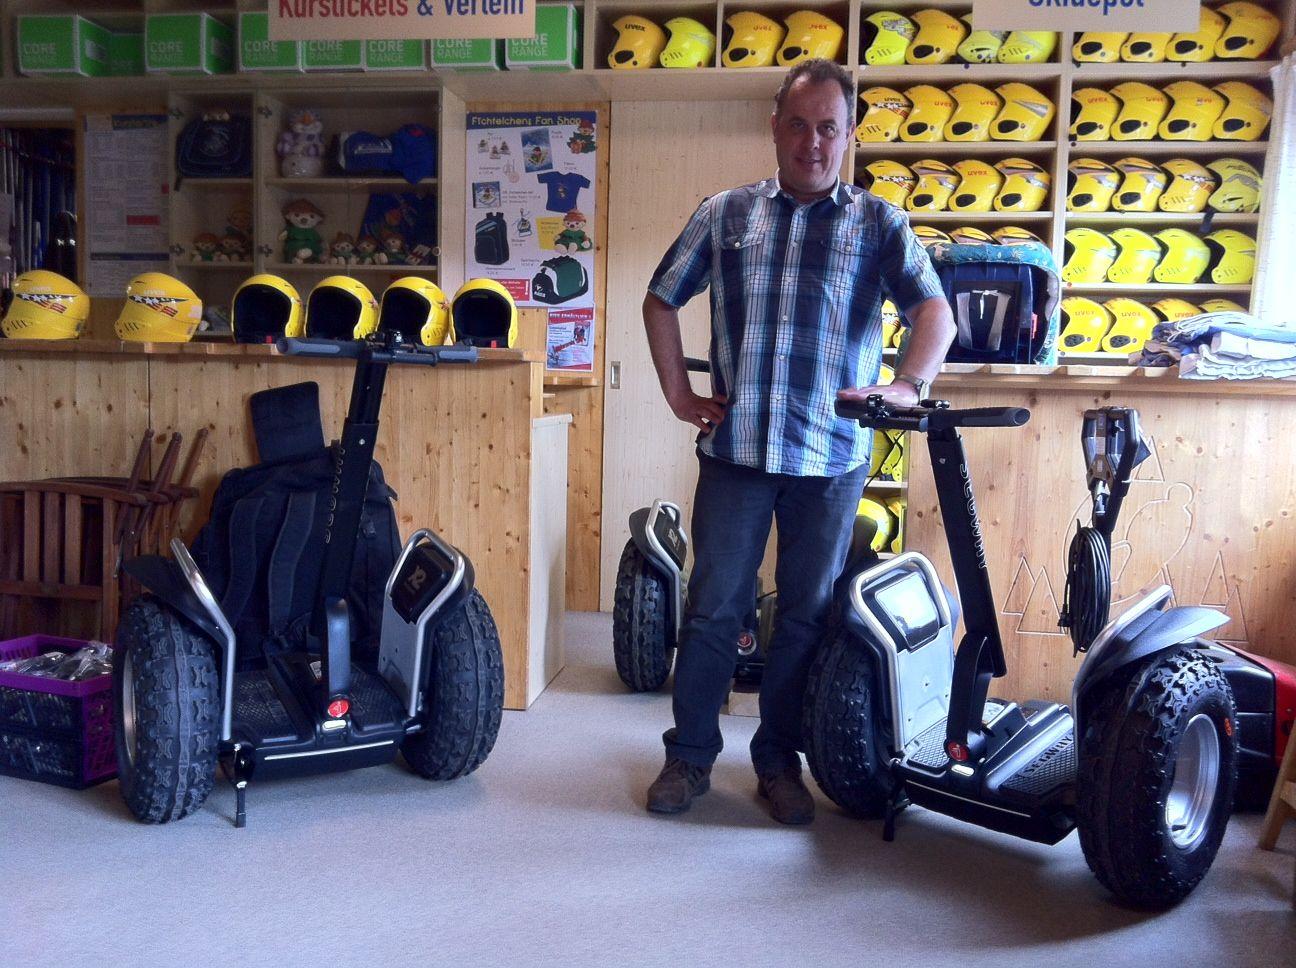 skischule 15 atd mobility ihr professioneller partner rund um den segway pt in chemnitz. Black Bedroom Furniture Sets. Home Design Ideas